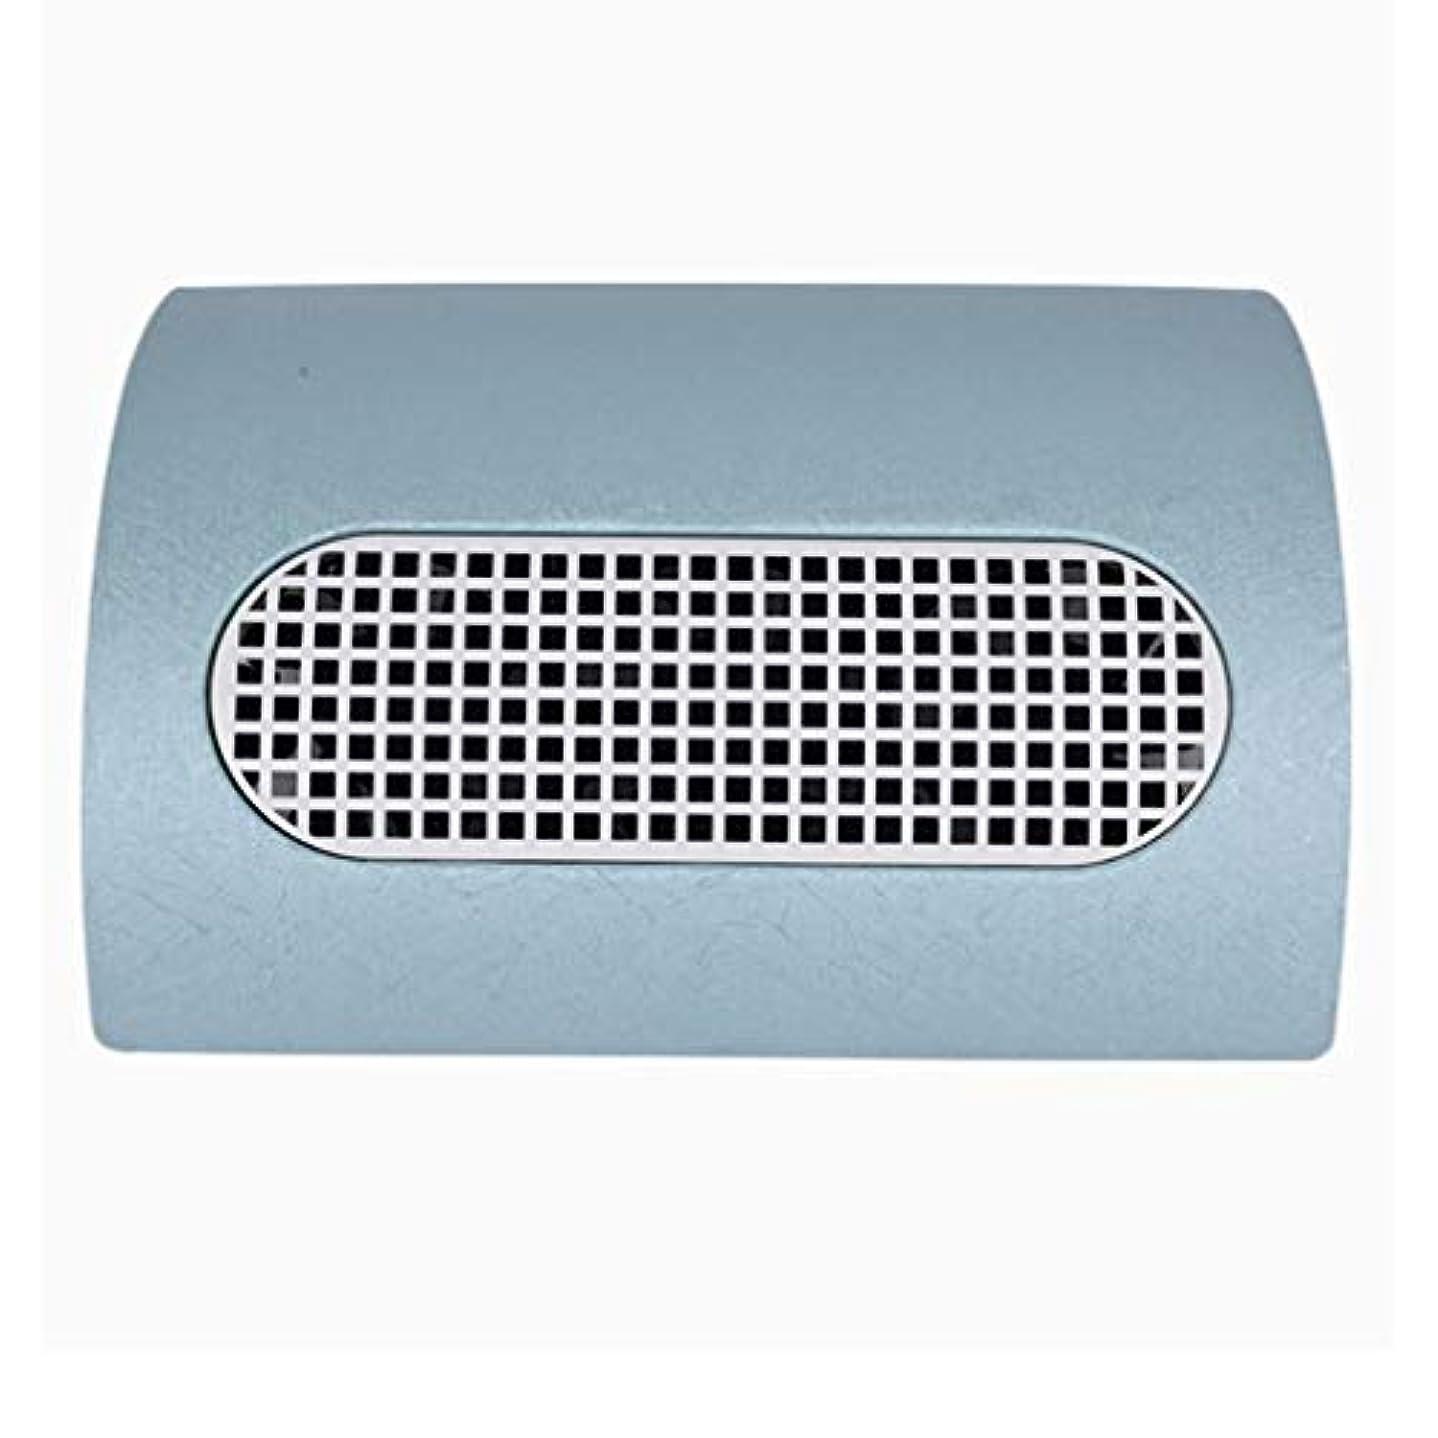 期間名前を作る窒息させる3つのファン釘の塵のコレクターのマニキュア機械 15W 2 つのレベルの速度を調節する釘の集じん器の釘の塵2の塵袋,ブルー